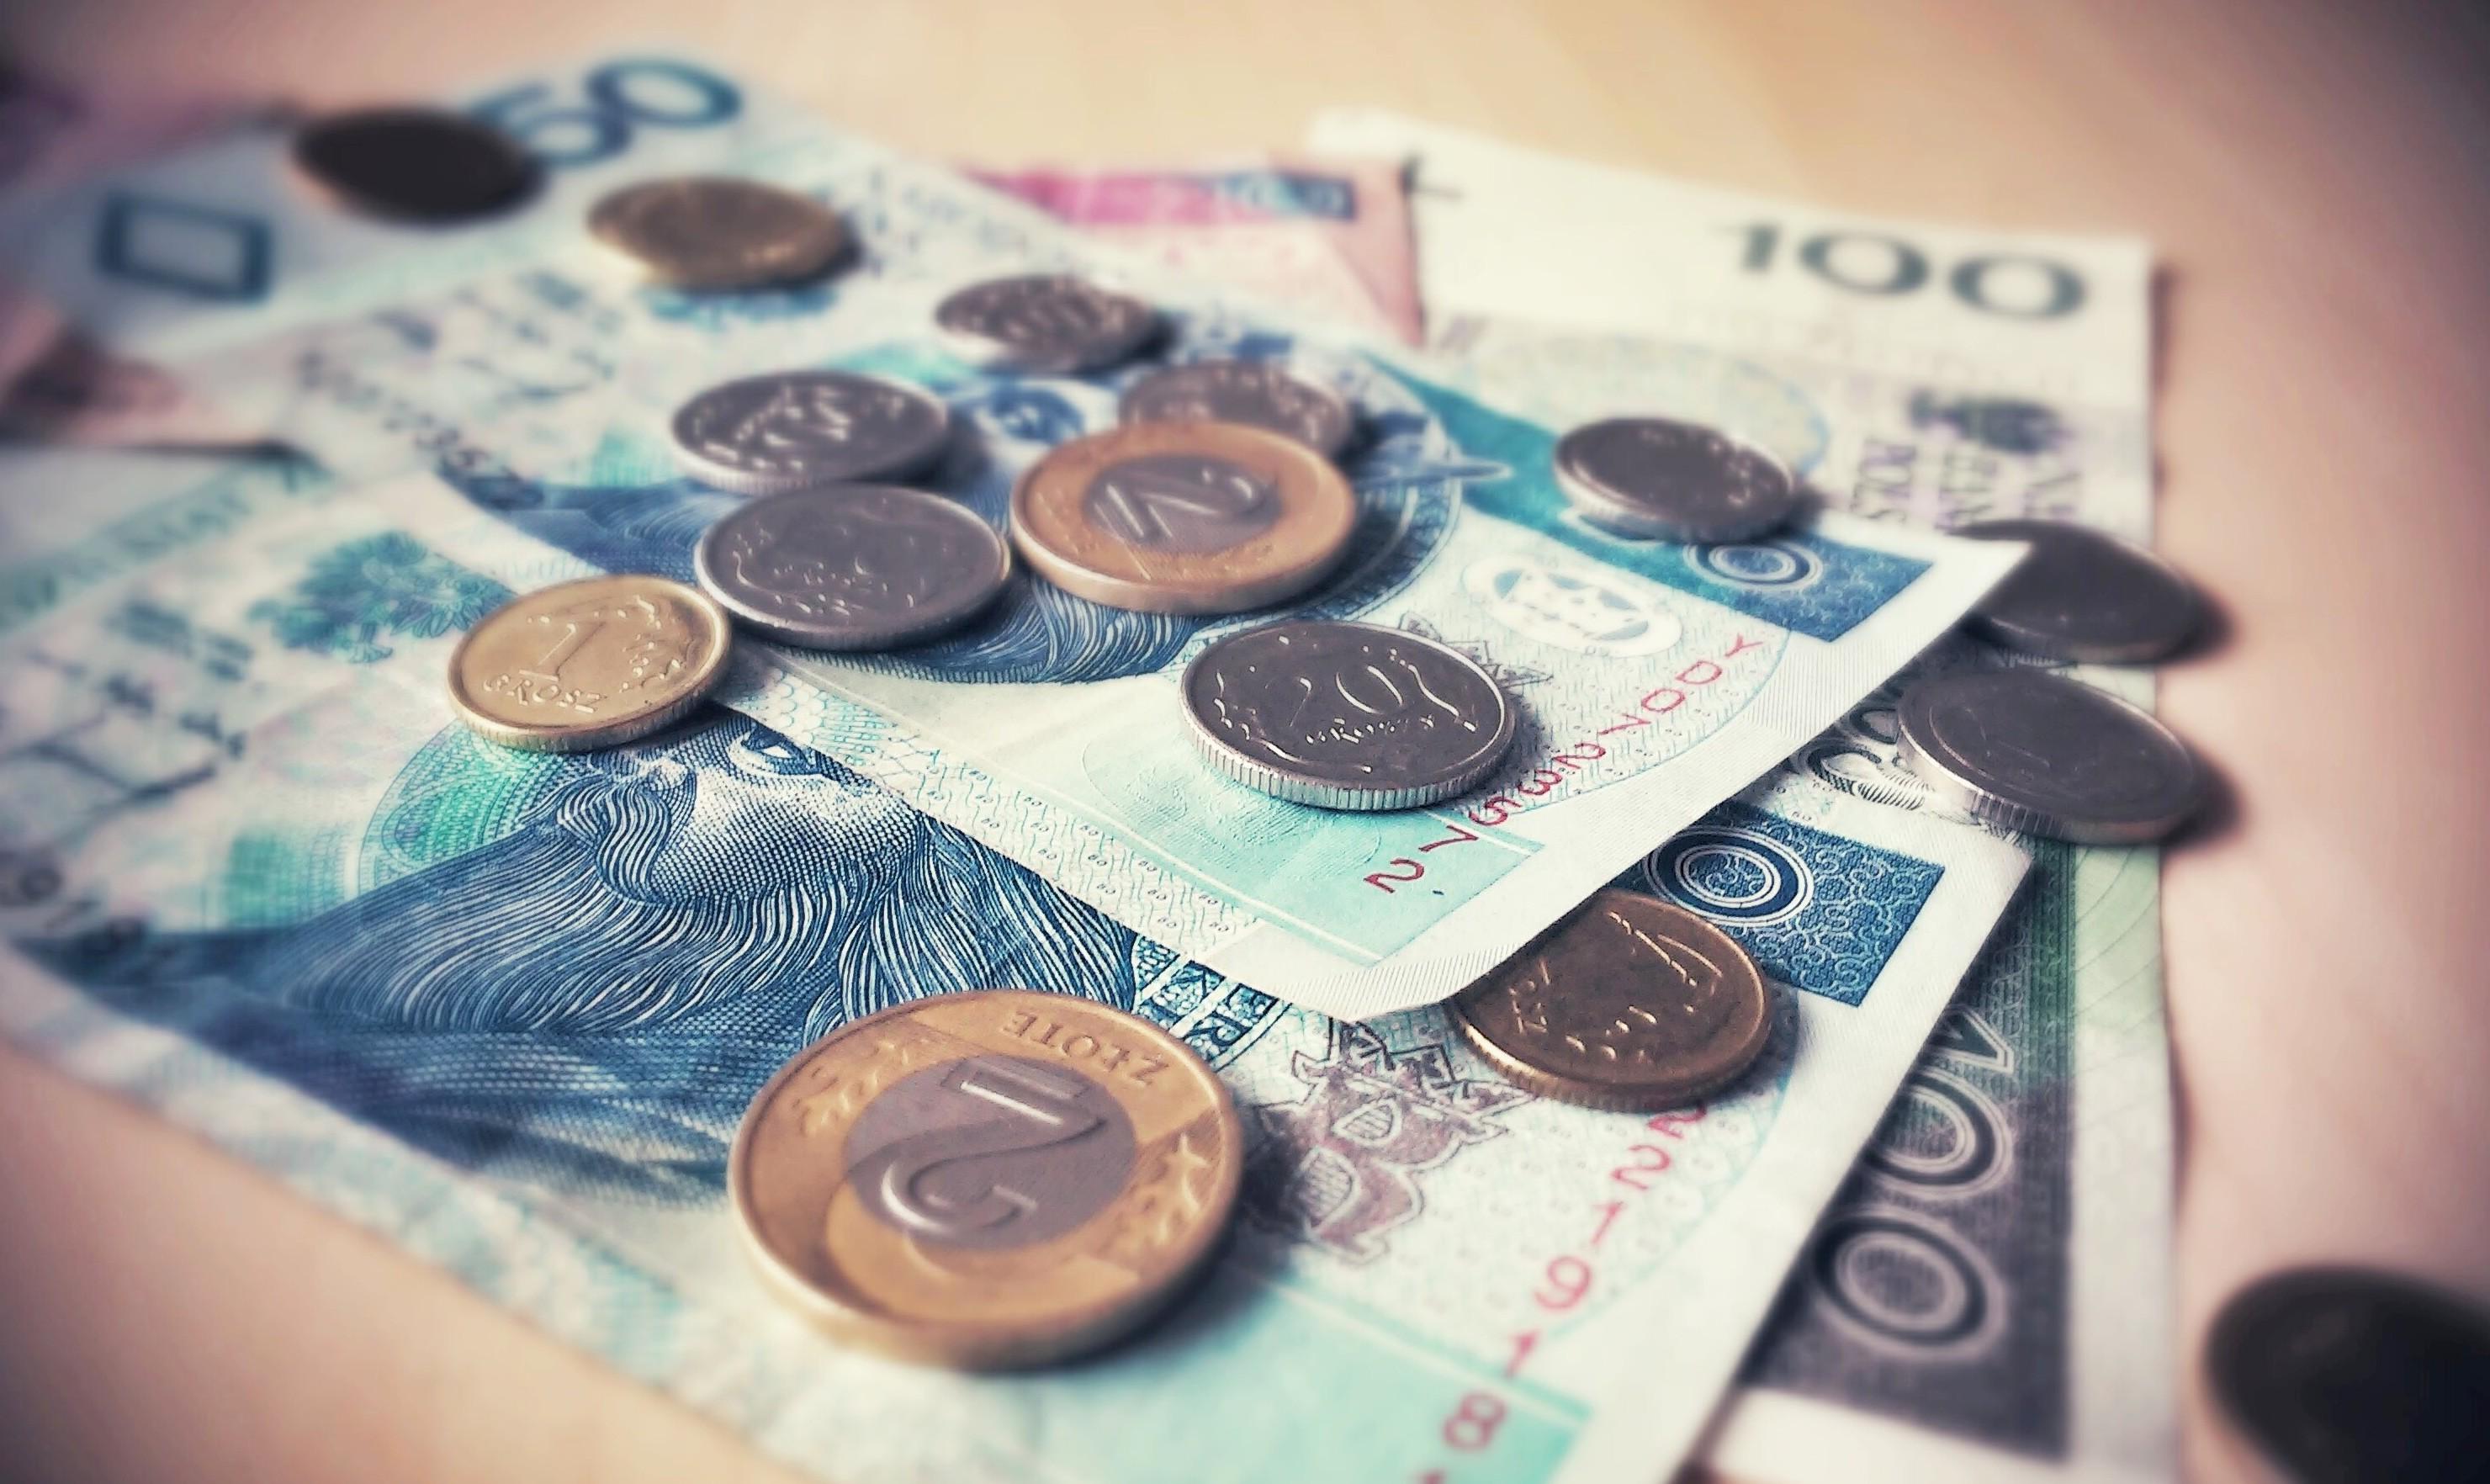 Niedziele handlowe w 2020 roku. Czy 12 lipca to niedziela handlowa? | Jaworznicki Portal Społecznościowy - jaw.pl | Jaworzno